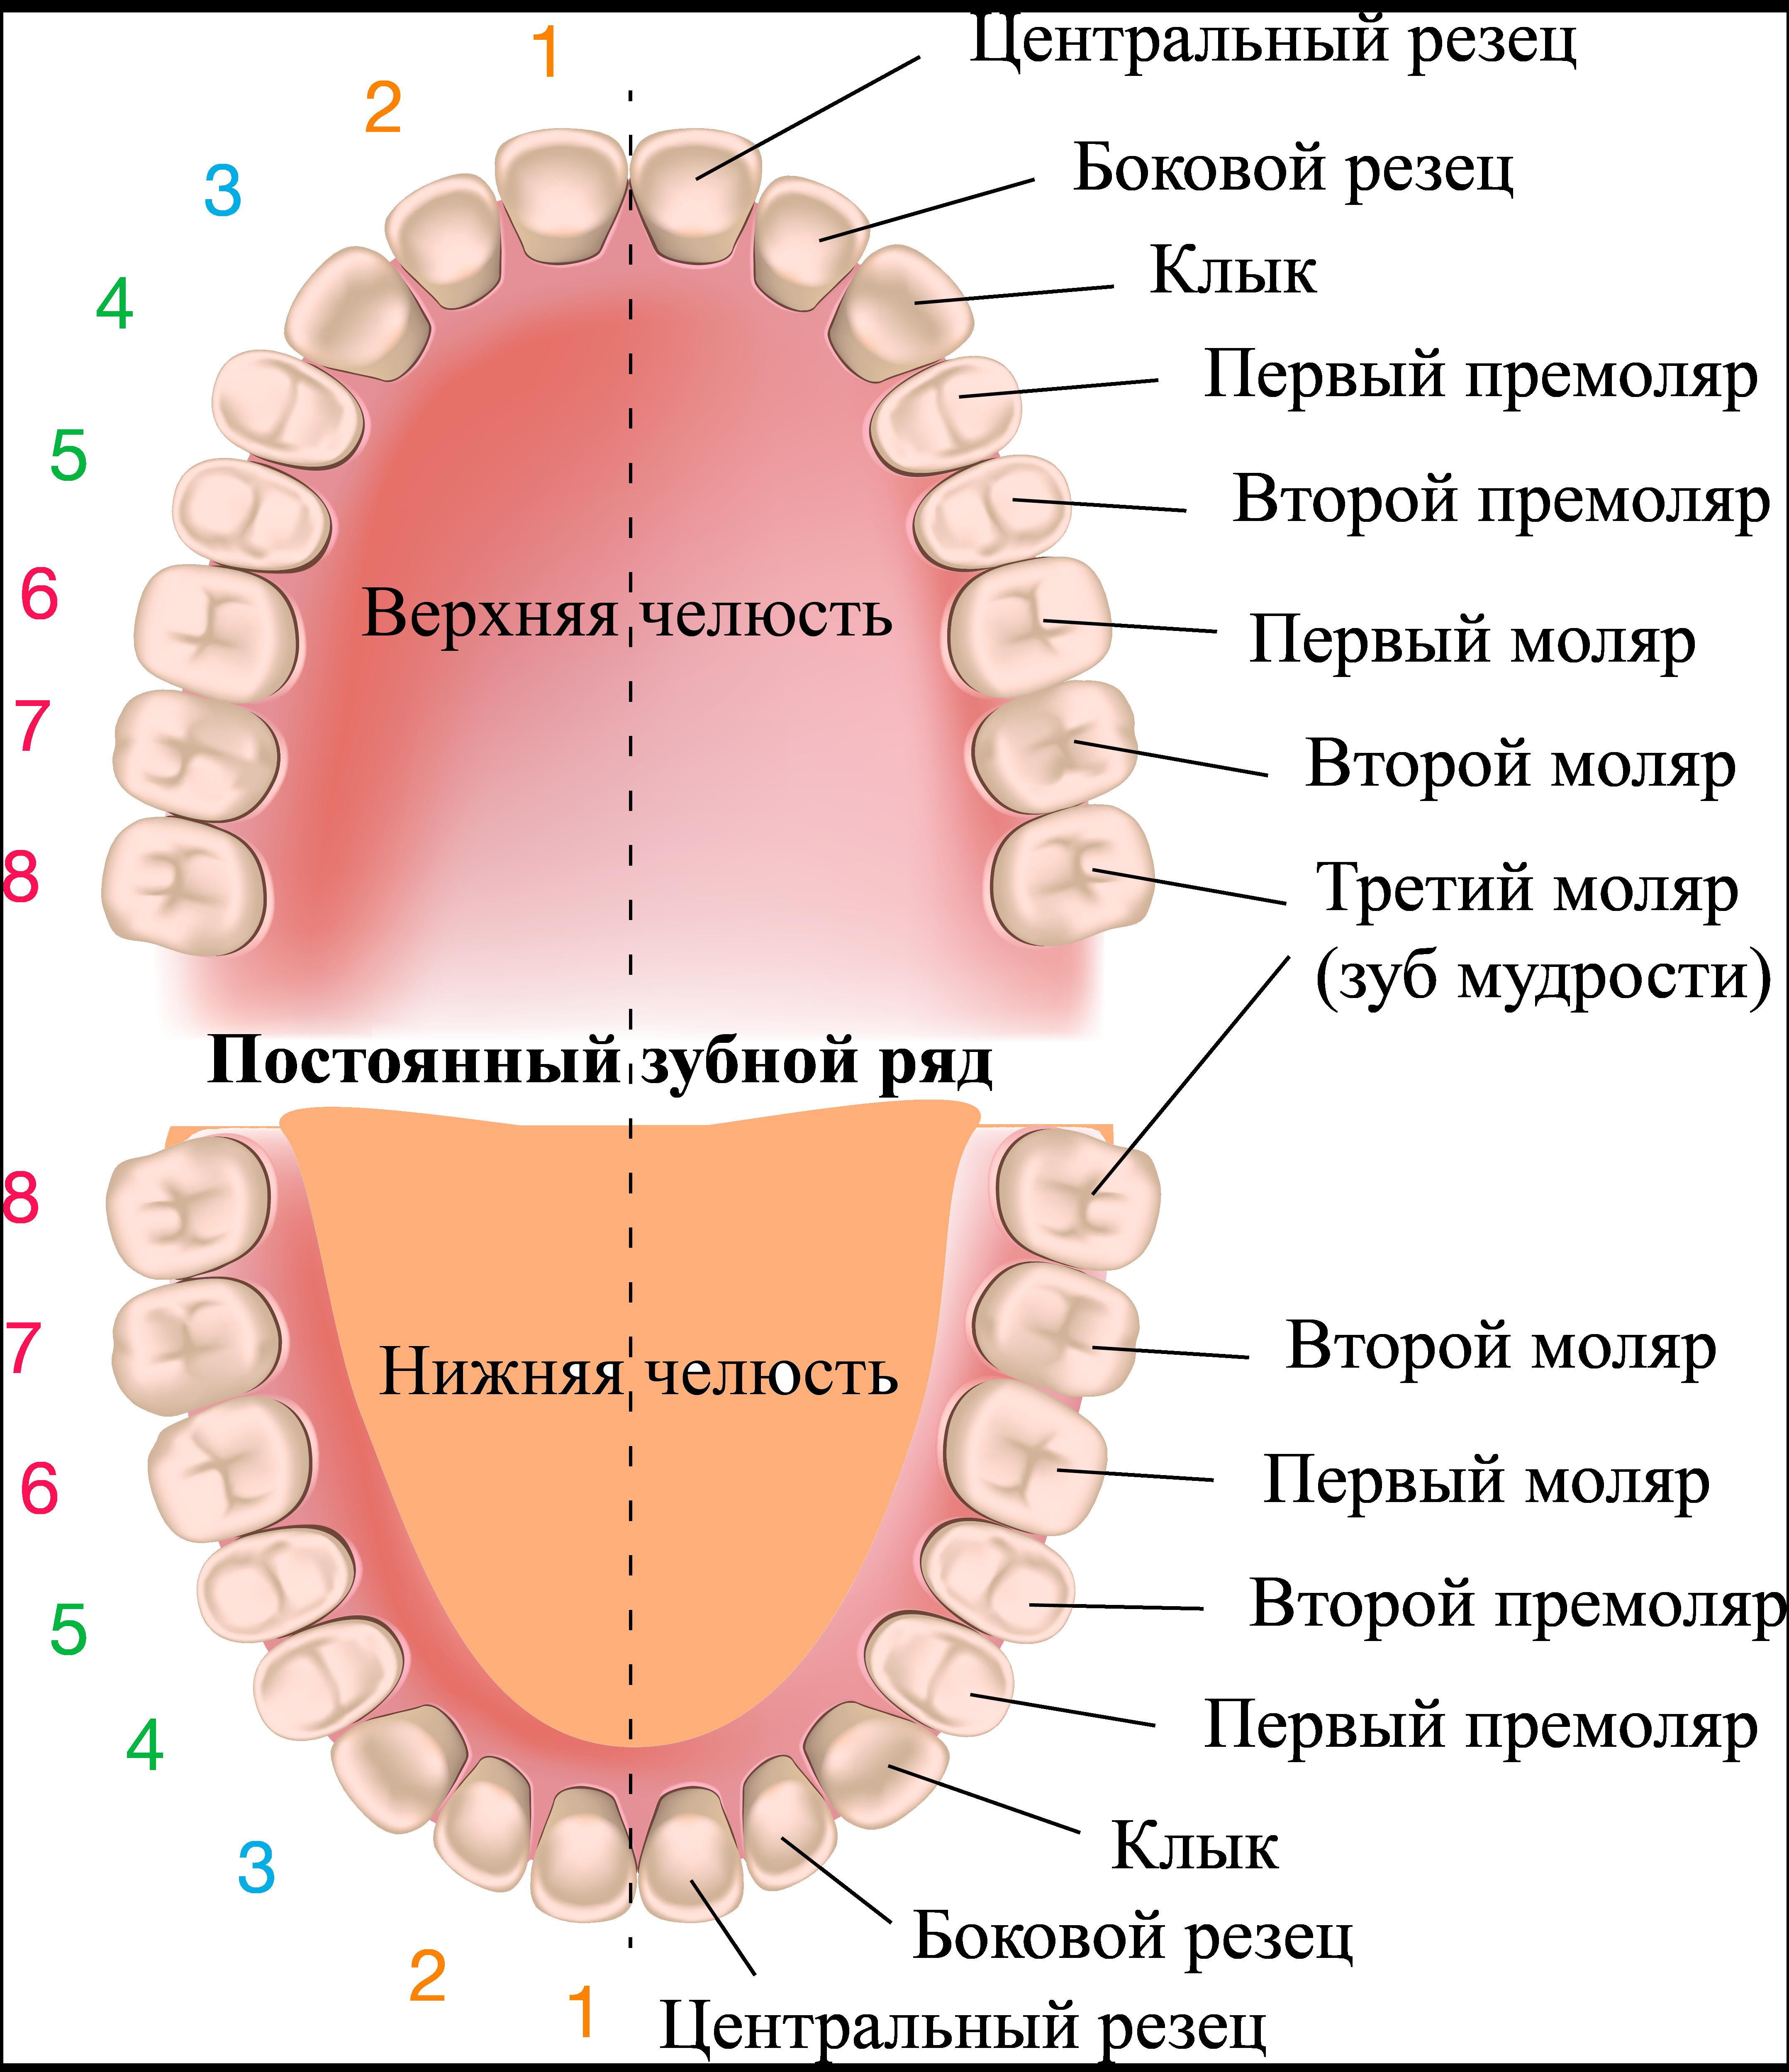 Зубы ротовой полости